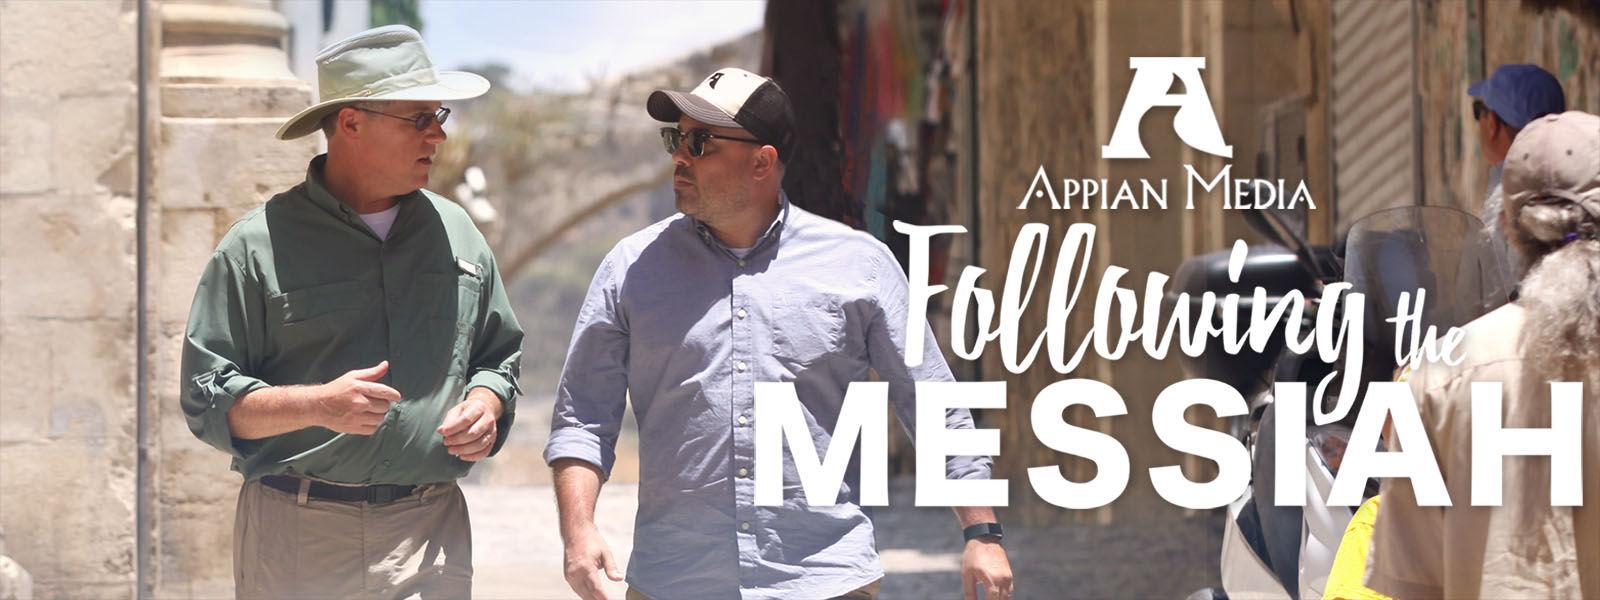 Following The Messiah